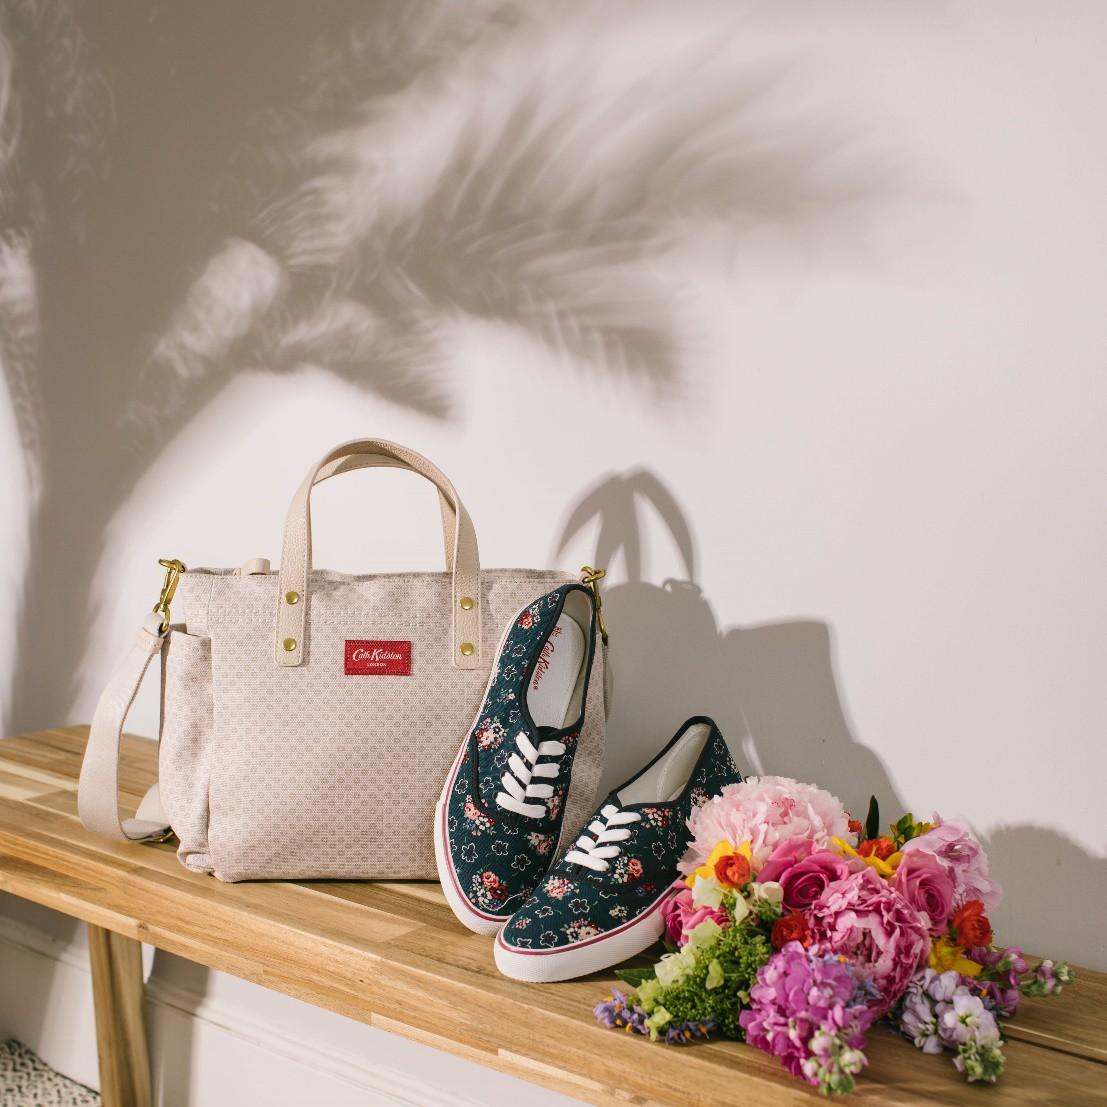 Khai trương cửa hàng thứ 2 tại Việt Nam - Cath Kidston mang đến phong cách đậm chất Anh Quốc - Ảnh 5.